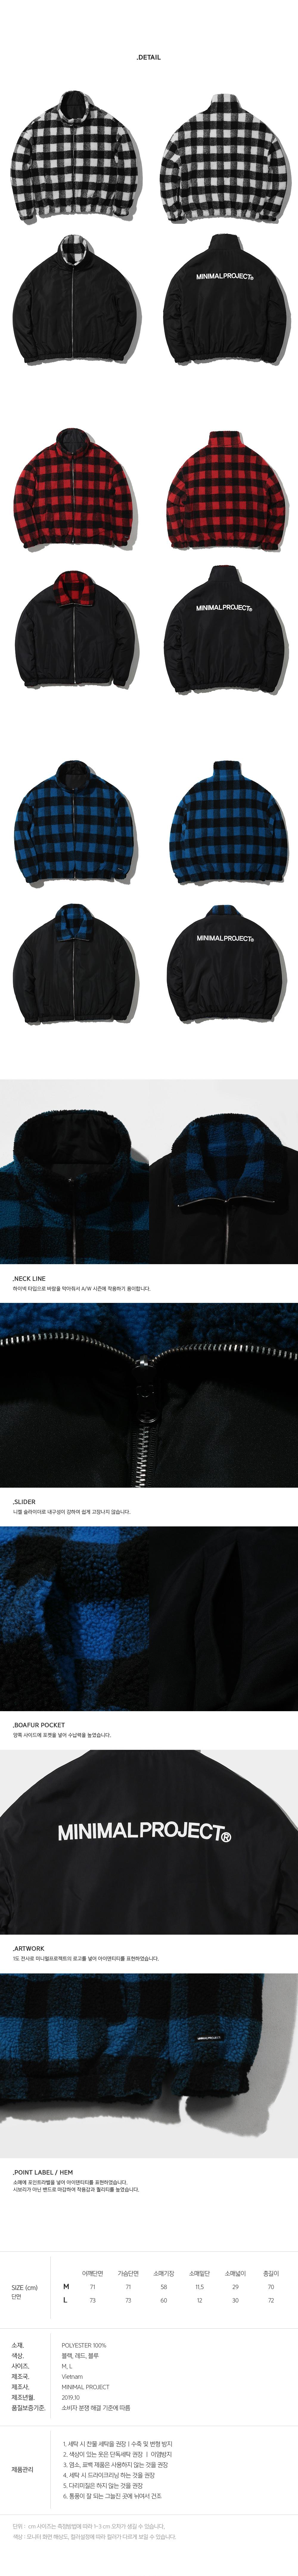 미니멀프로젝트 리버시블 헤비 보아 깅엄체크 플리스 자켓 MJK103 / 3color